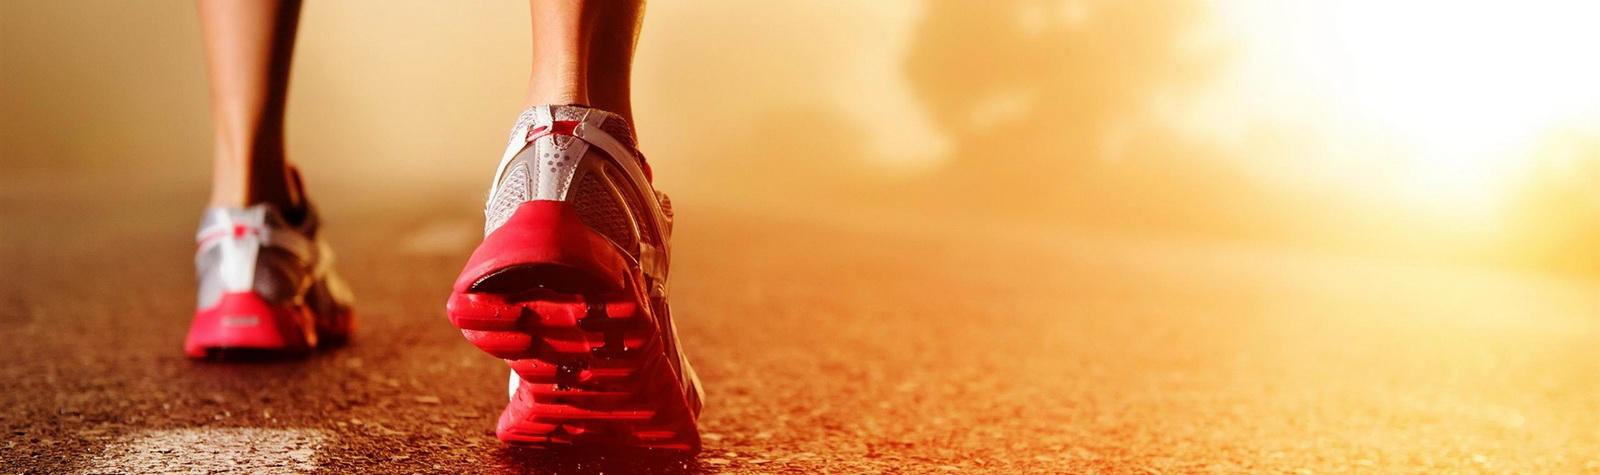 Day 5 – Prayer Walking